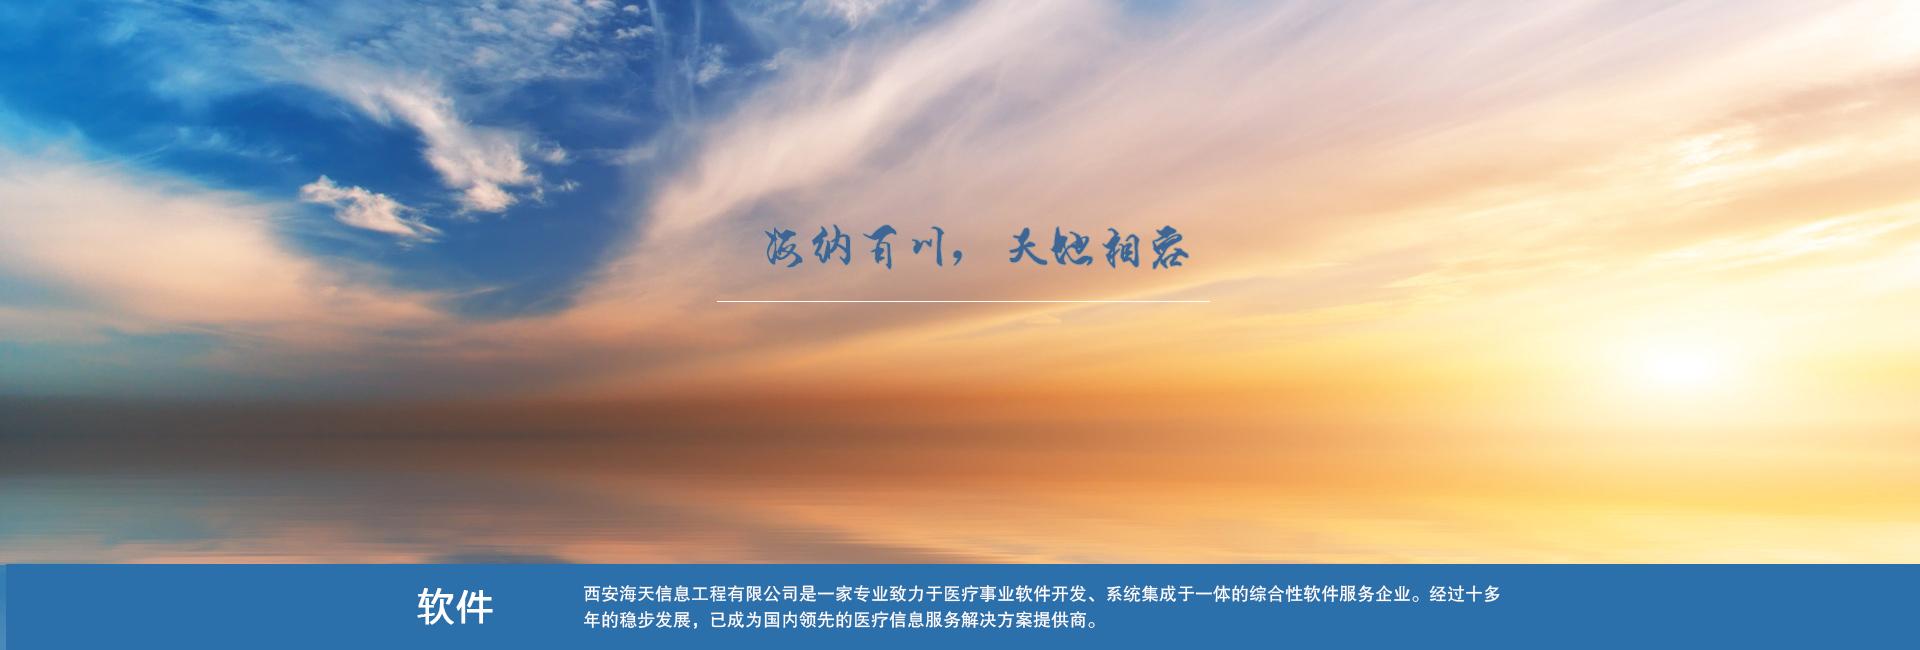 亚洲城娱乐_海纳百川,天地相容